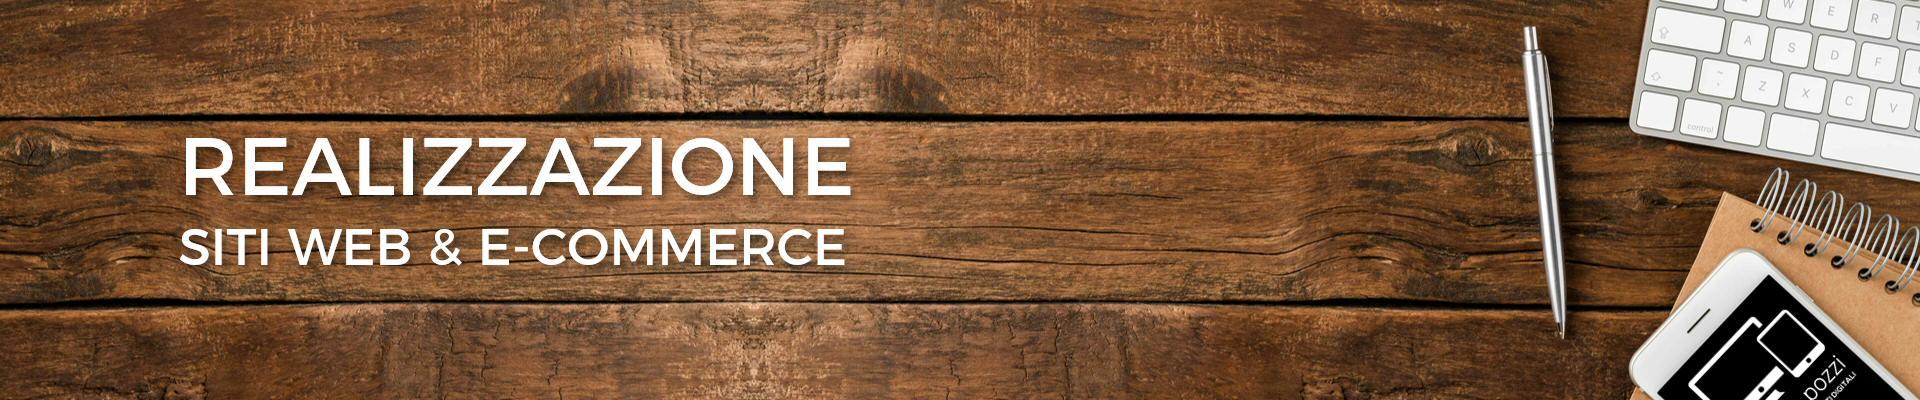 Realizzazione siti web e ecommerce